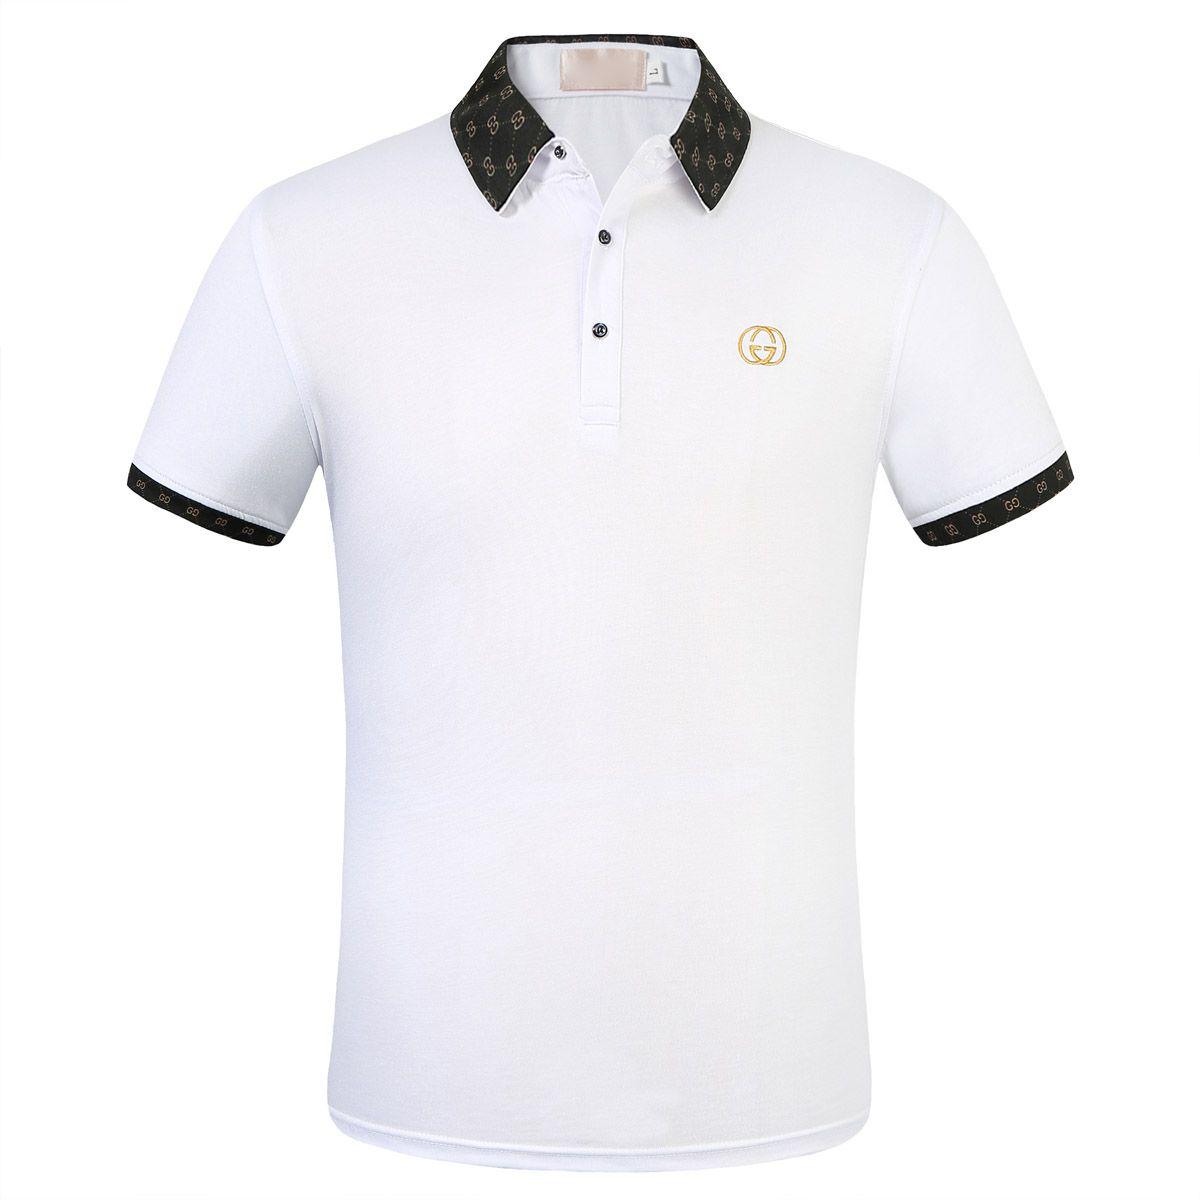 2020 venta caliente de la camisa de polo de algodón nuevo verano los hombres se niegan stand-up collar de estilo social informal camisa de polo de los hombres del te del bordado de la marca